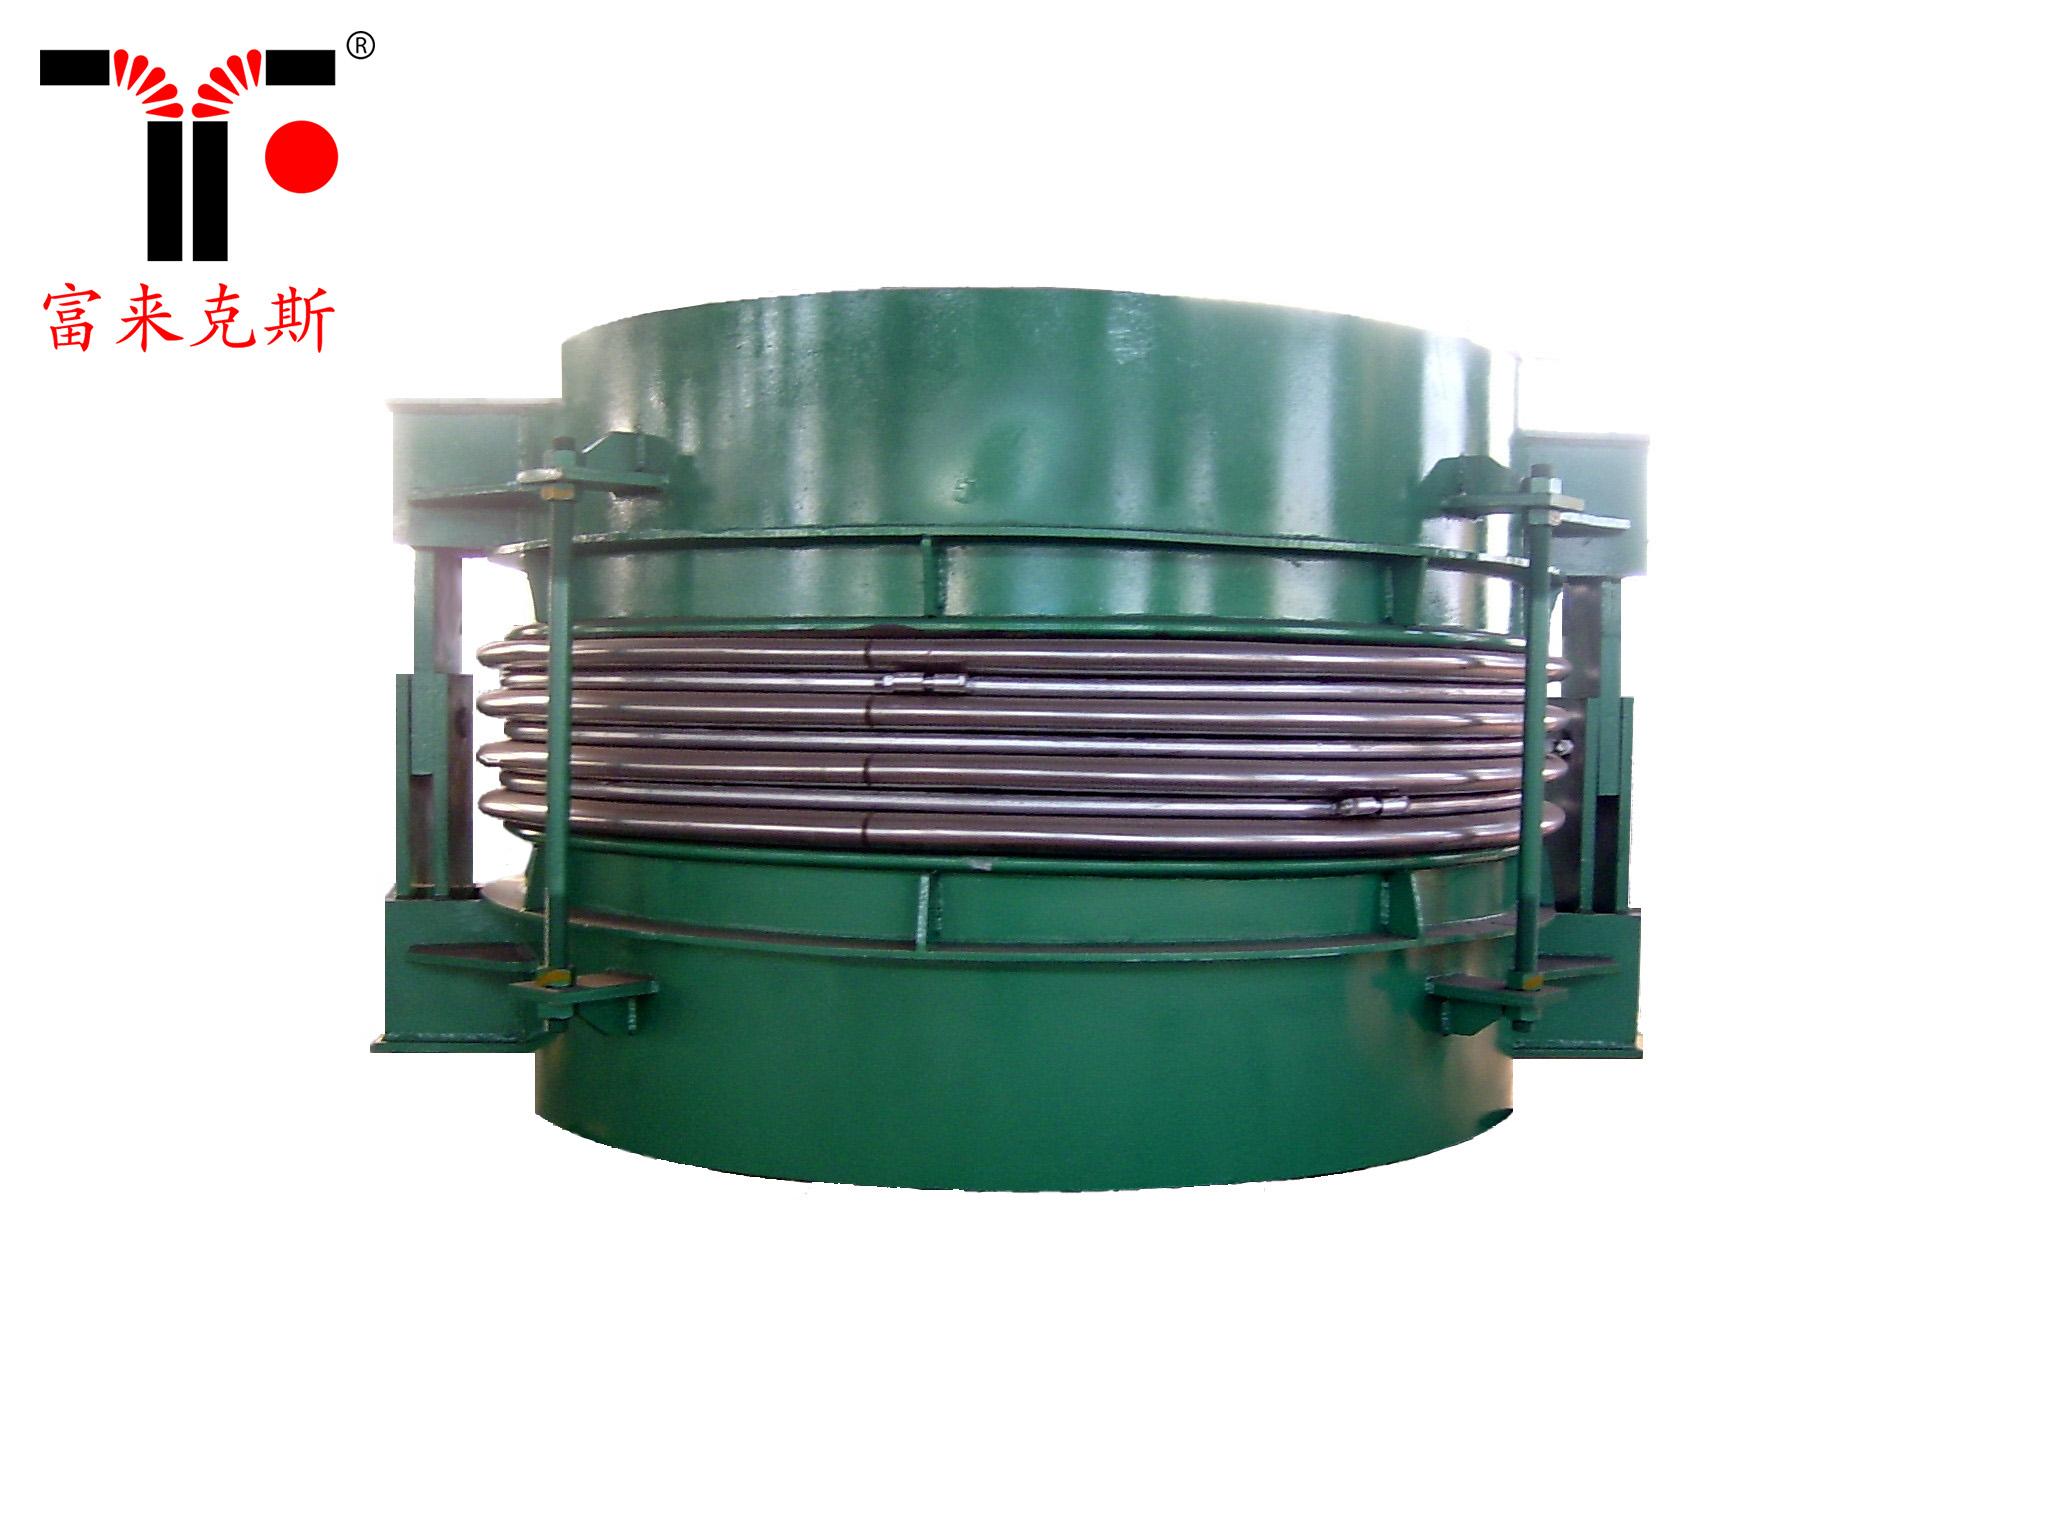 厂jia直销fei金属bu偿器 橡胶bu偿器 橡胶膨胀节